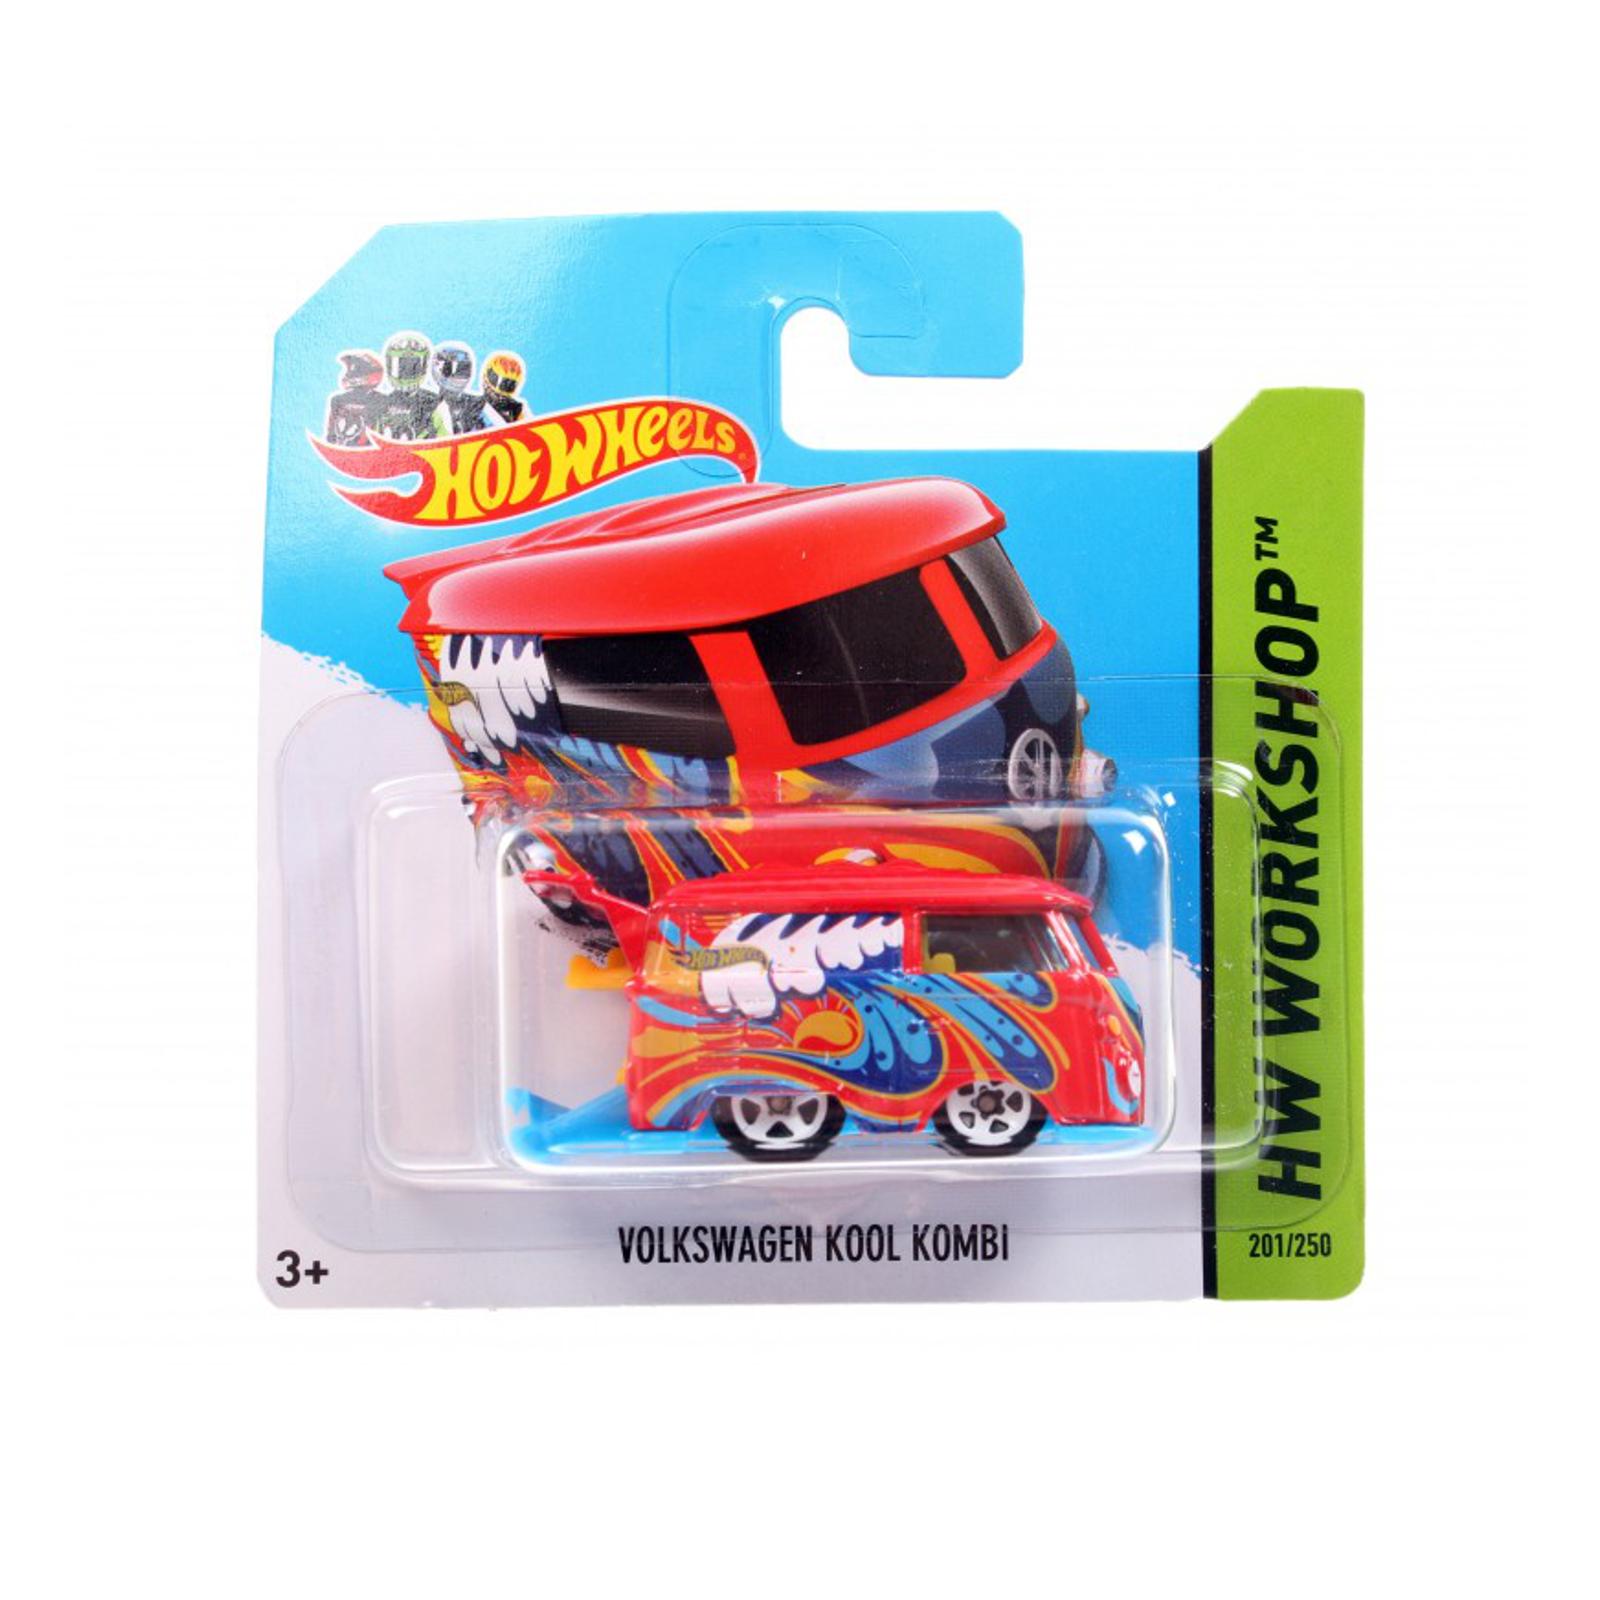 ����������� Hot Wheels ��� ������ Volkswagen Kool Kombi